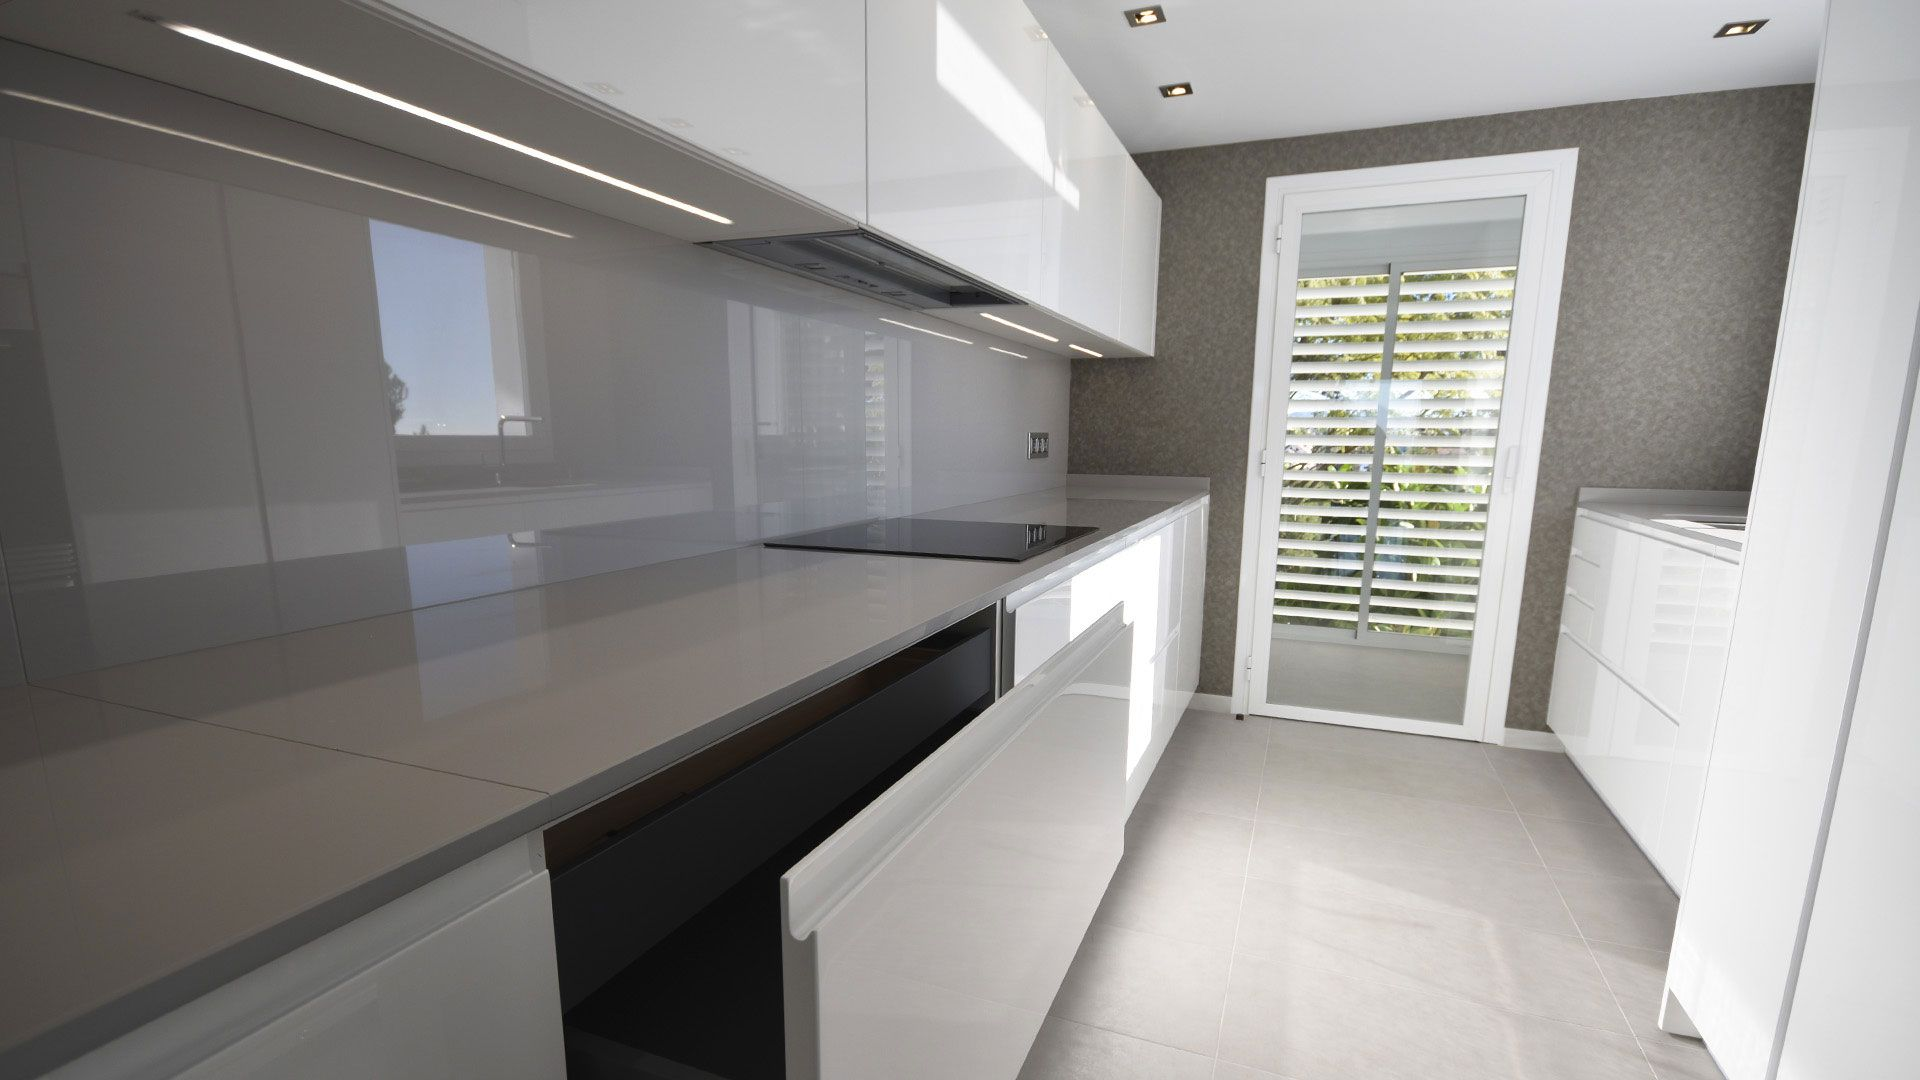 Cocina Moderna Muebles Lacados En Blanco Alto Brillo Con Unero Integrado Encimera Y Aplacado Dekton Col Decoracion De Unas Minimalismo Decoracion Casa Estilo